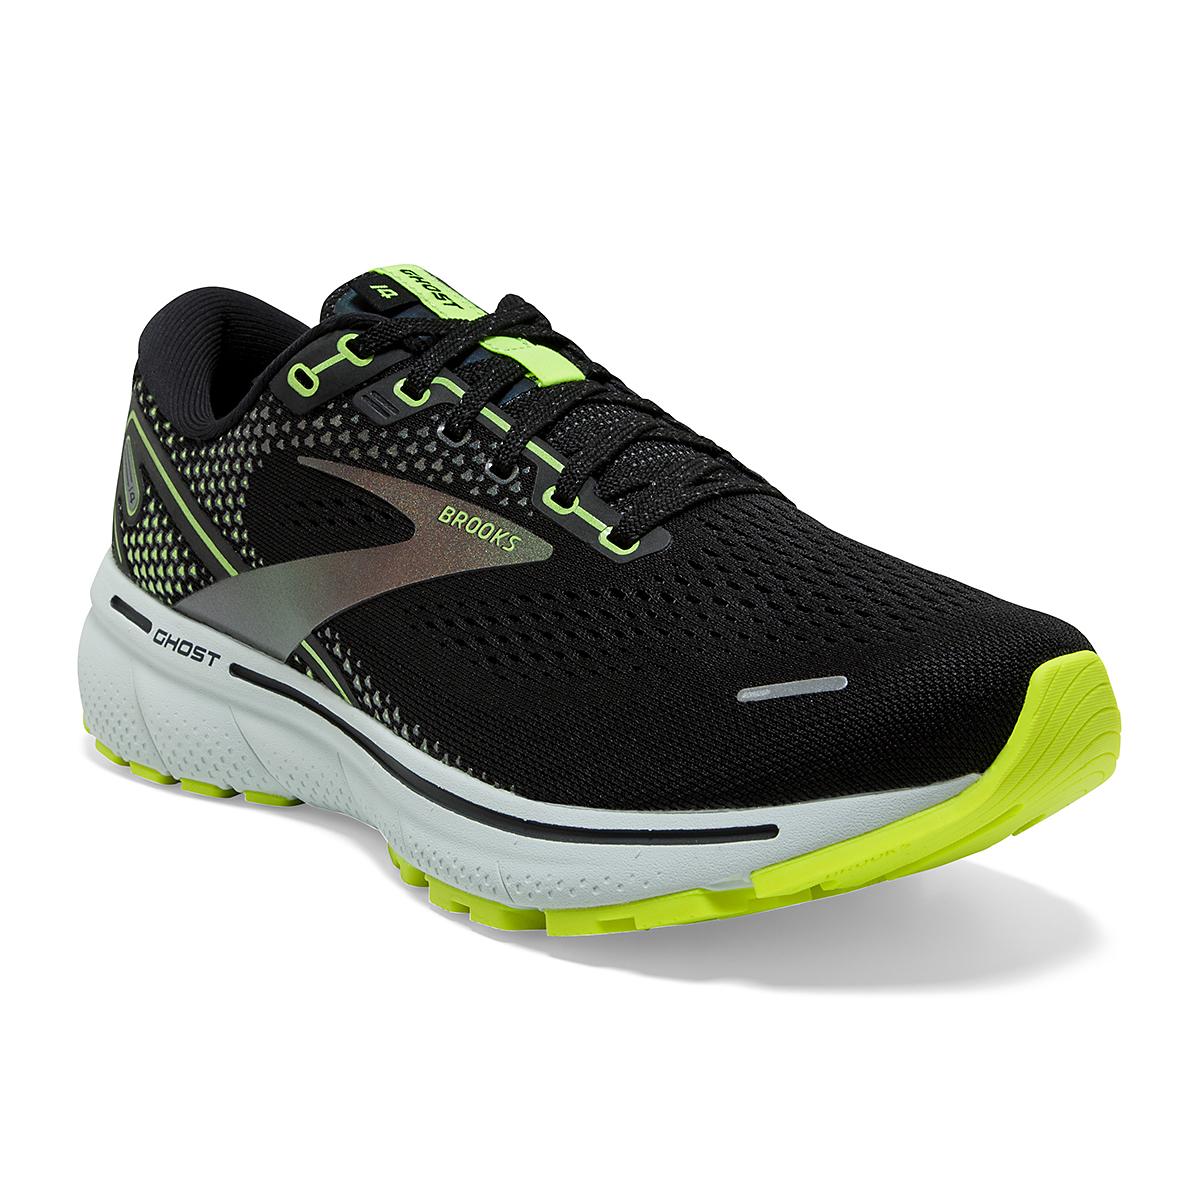 Men's Brooks Ghost 14 Running Shoe - Color: Black/Nightlife - Size: 7 - Width: Regular, Black/Nightlife, large, image 5